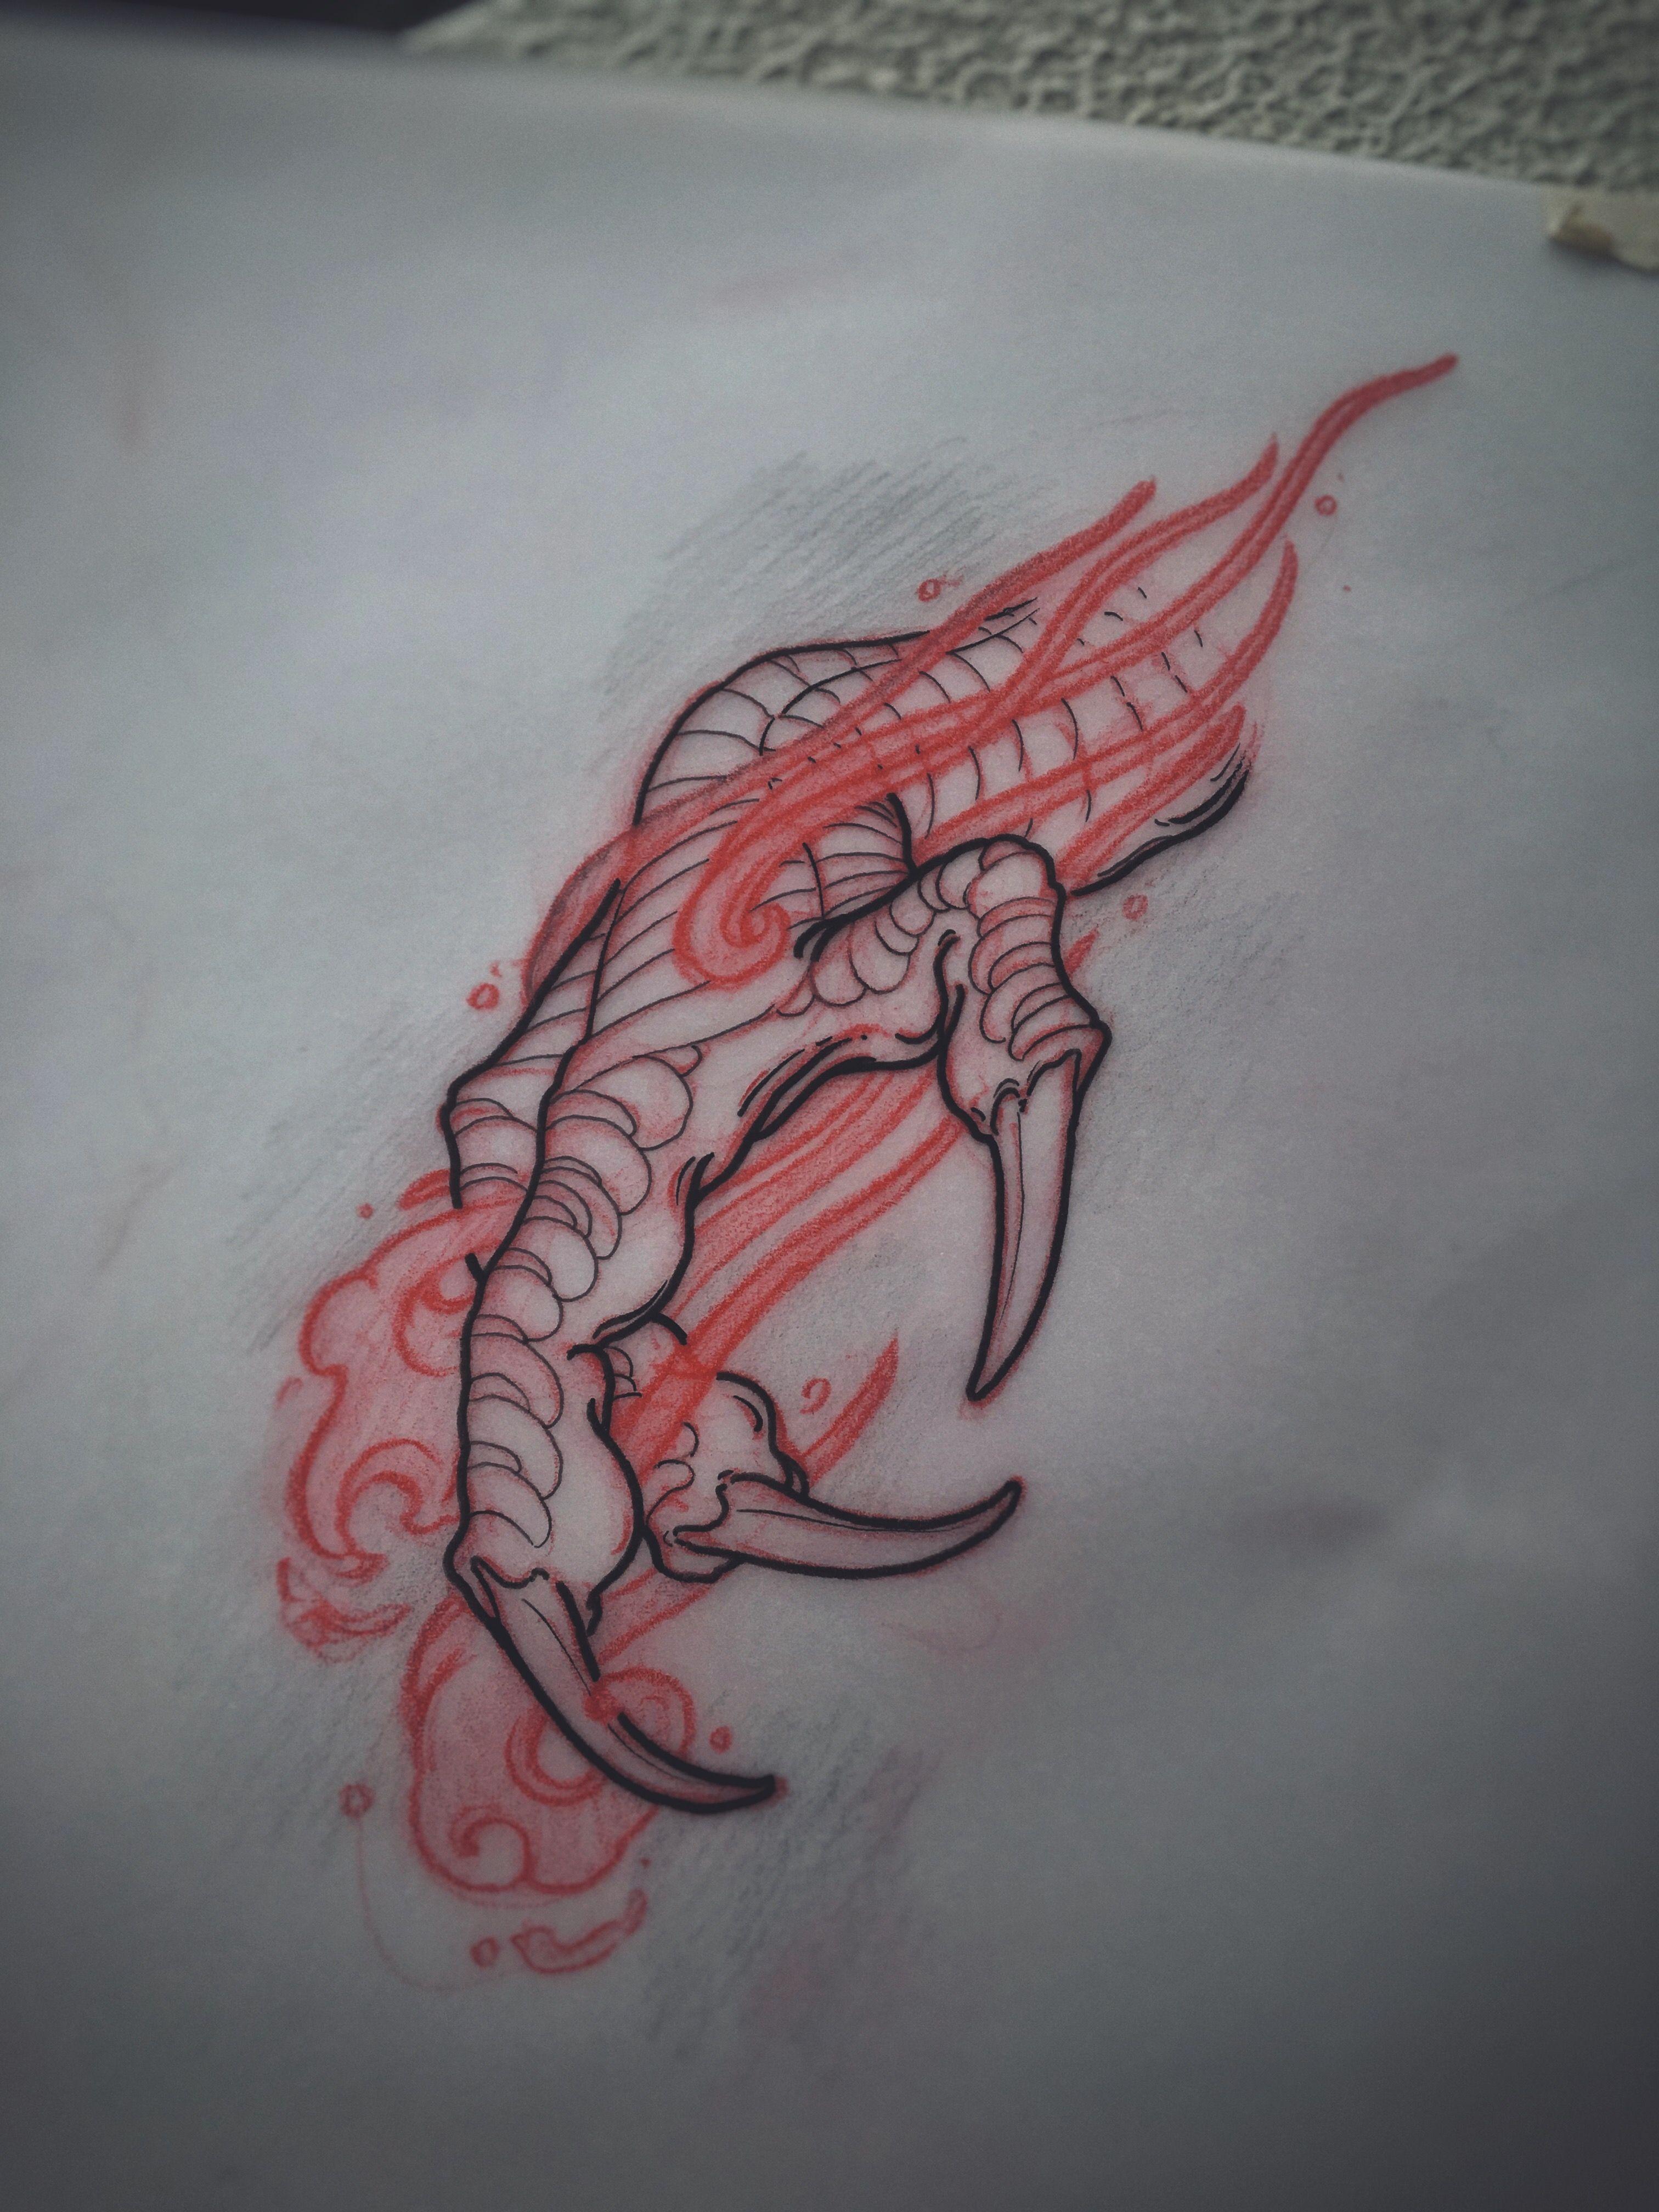 3024x4032 Dragon Claw Sketch By Akos ( Perth, Australia) Tattoo Ideas